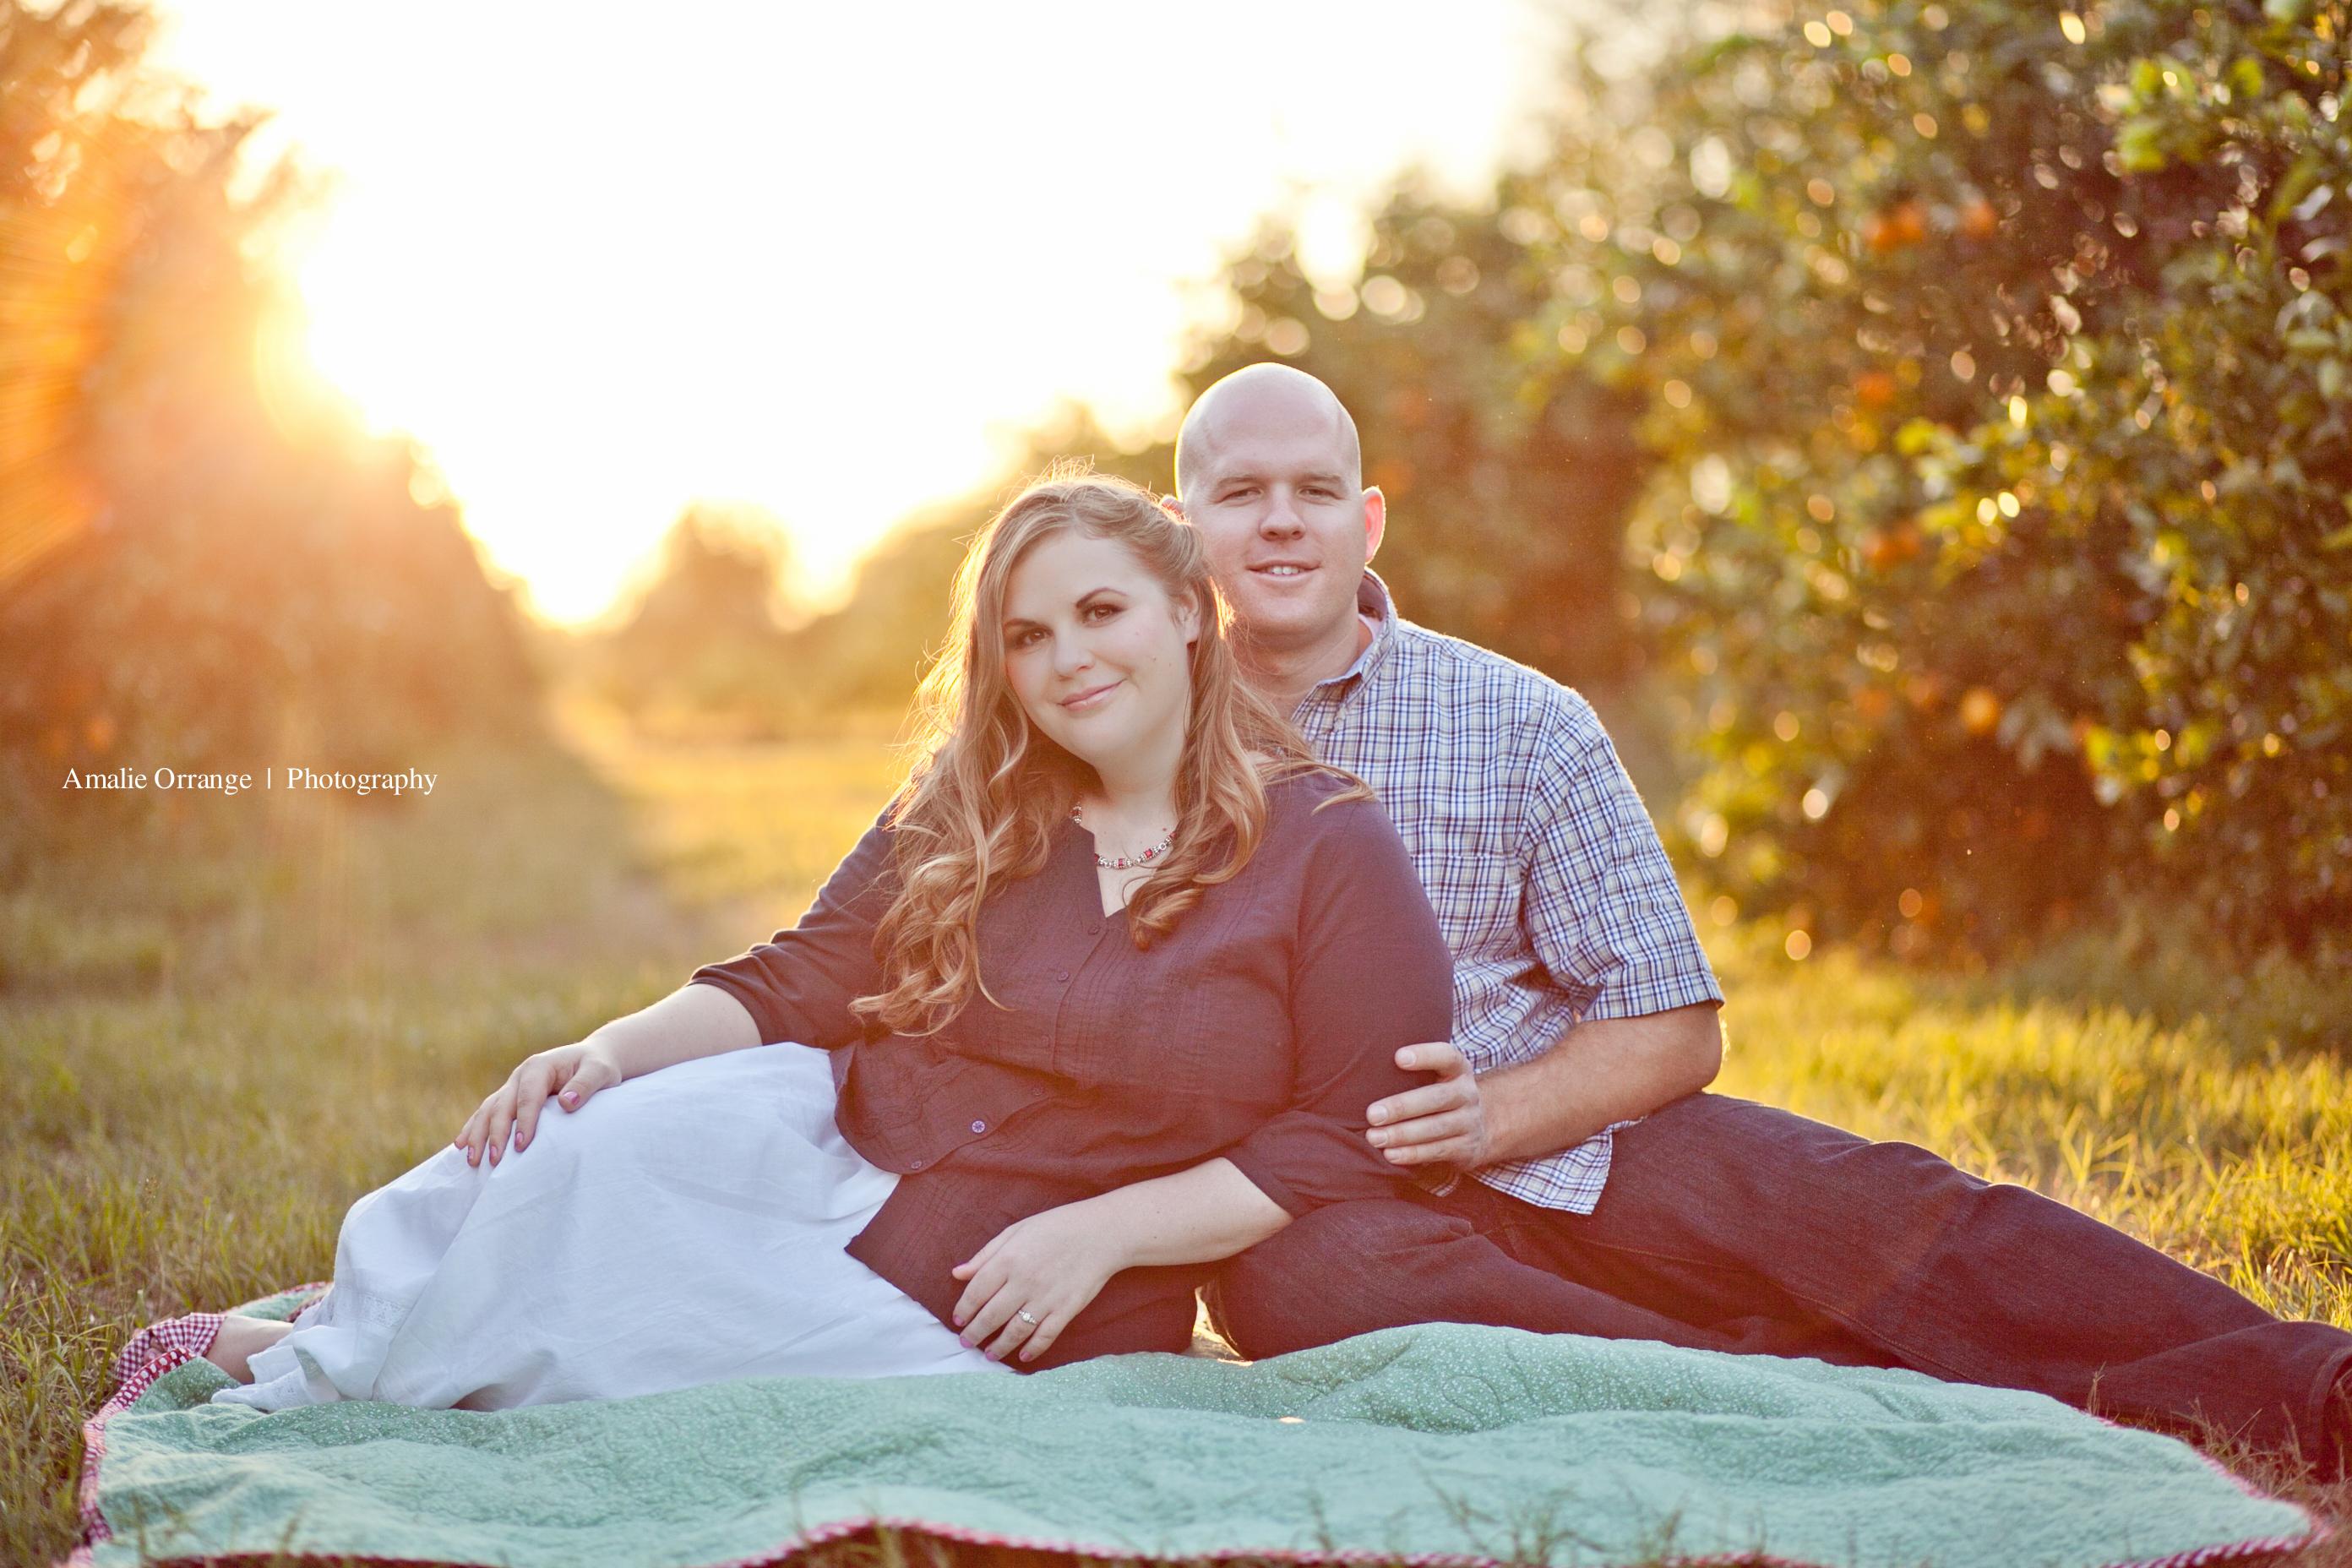 Orlando Photographer  | Amalie orrange Wedding photography